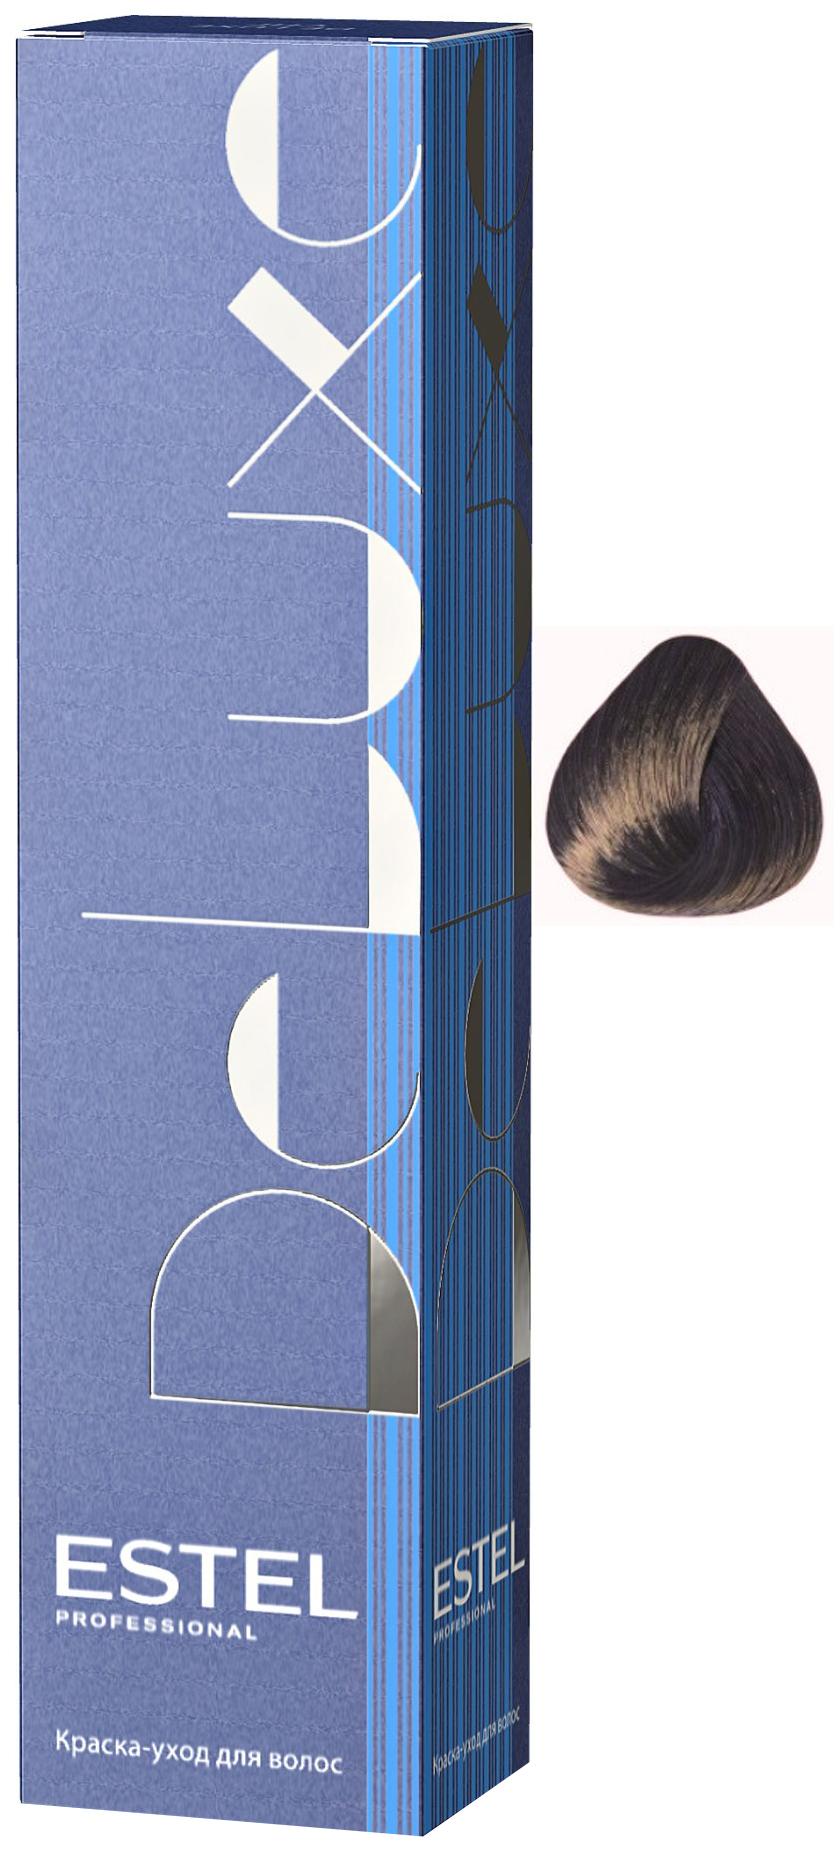 Краска для волос Estel Professional De Luxe 60 мл 7/16 Русый пепельно-фиолетовый 60мл